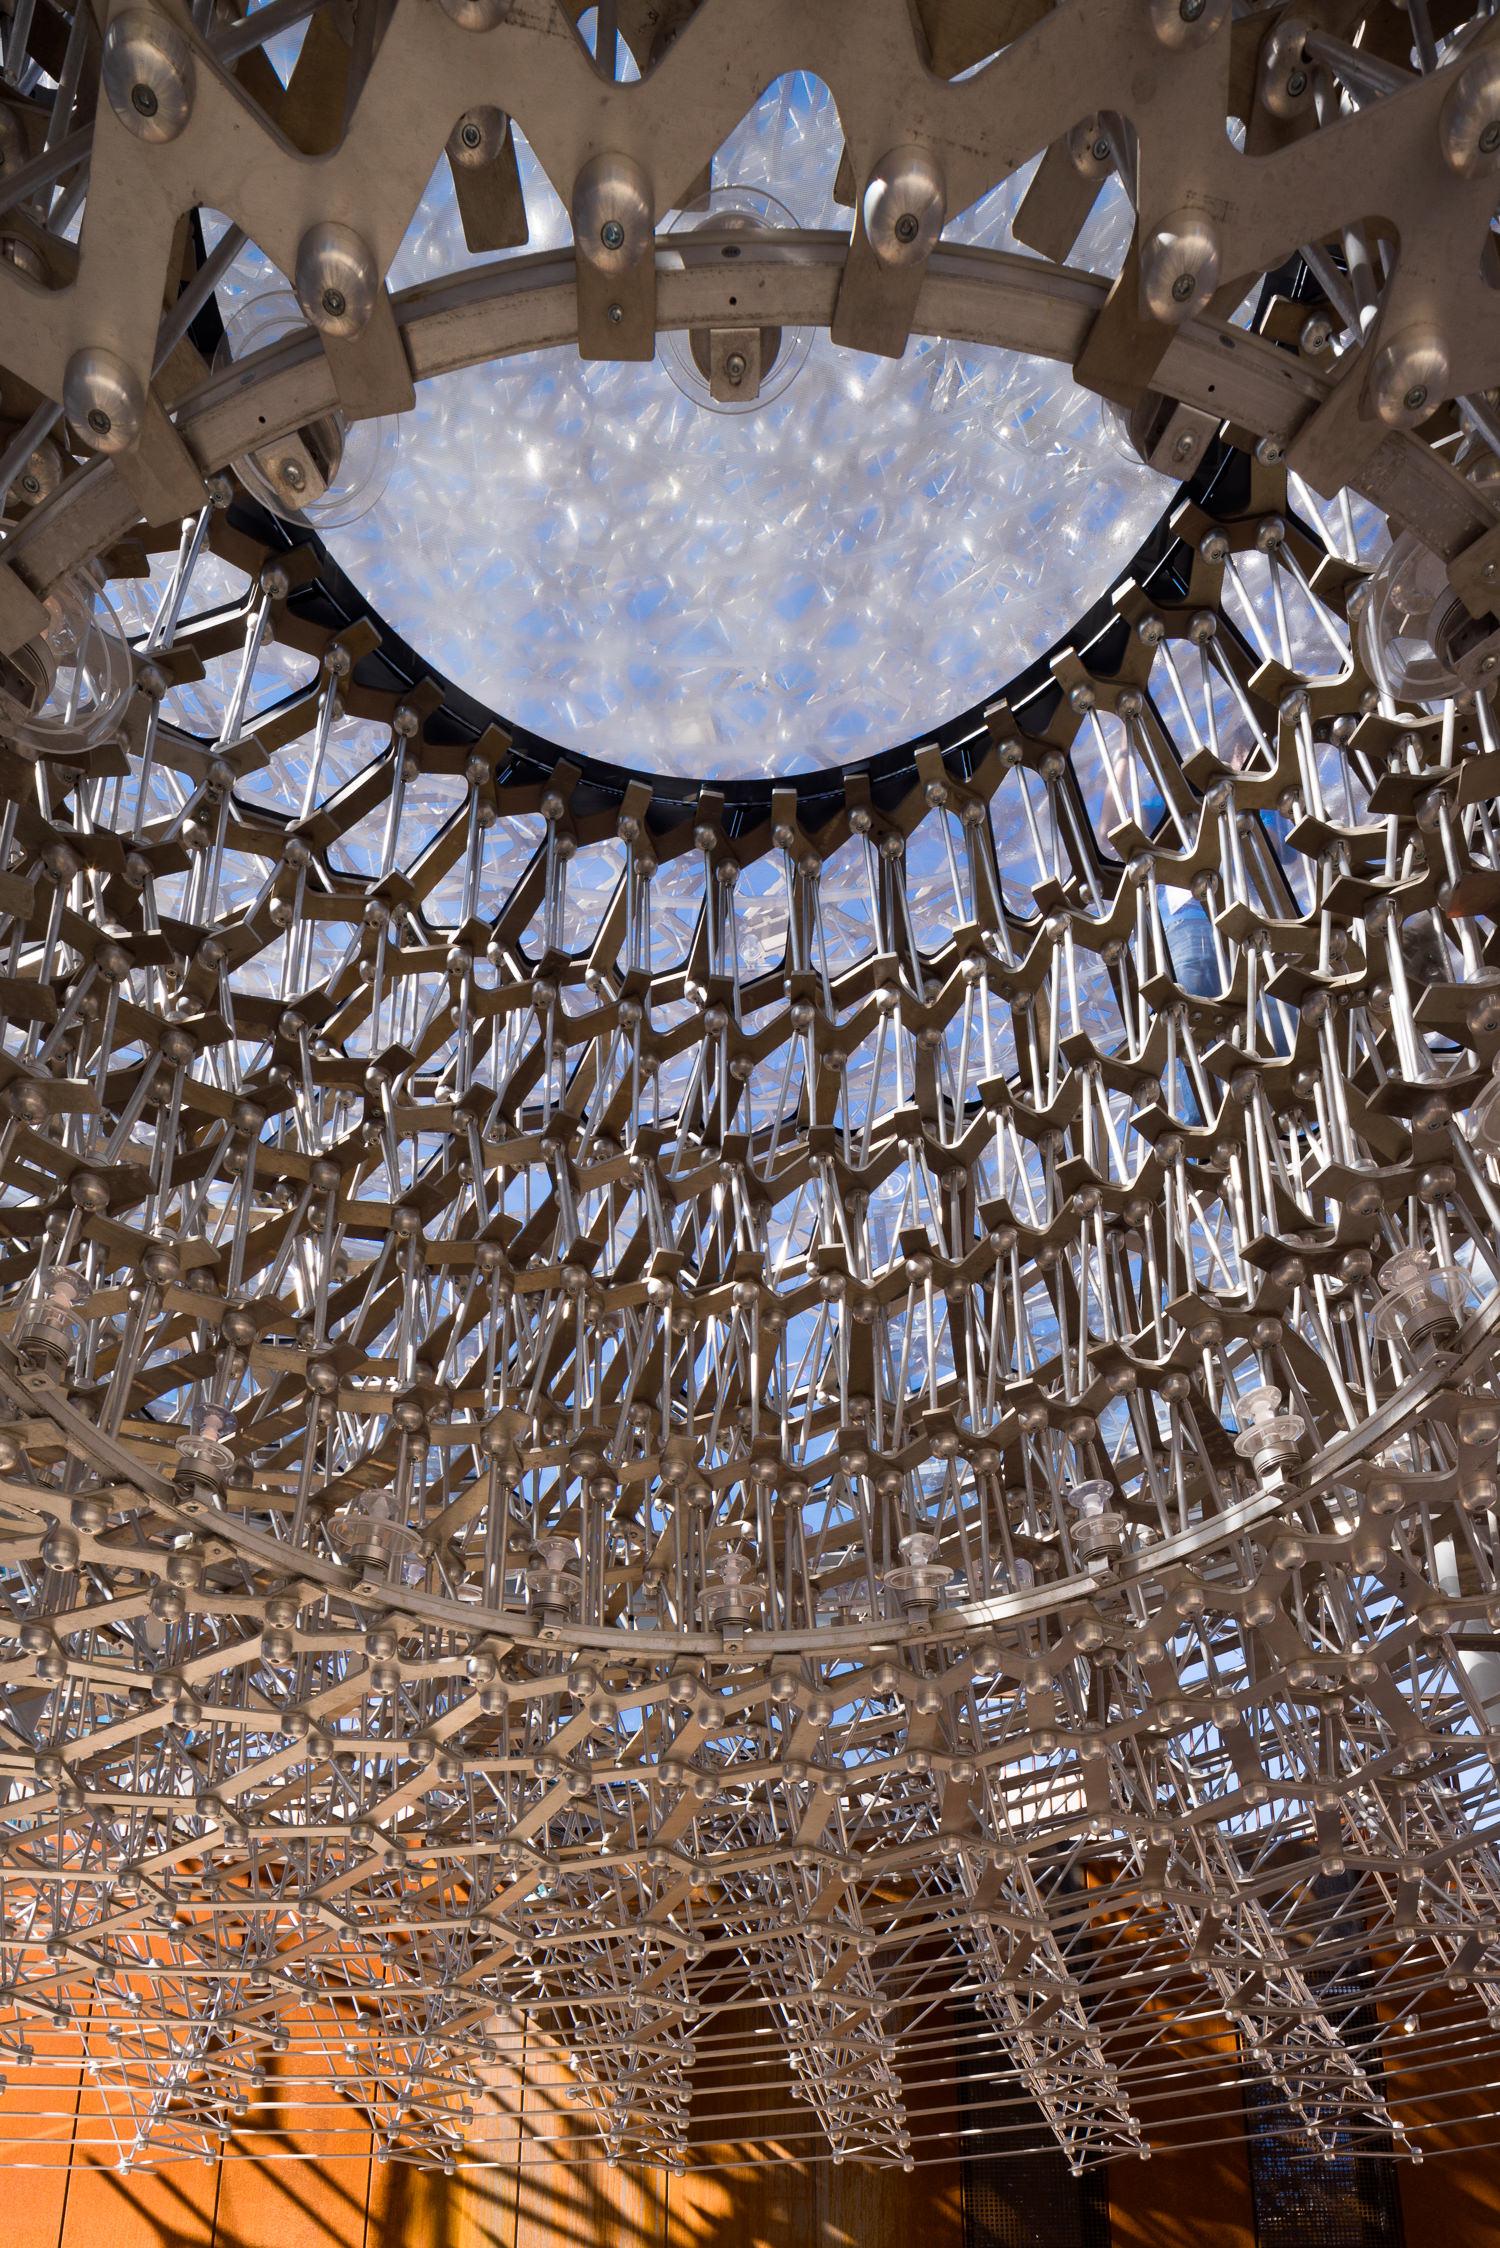 uk pavilion, milan expo, wolfgang buttress